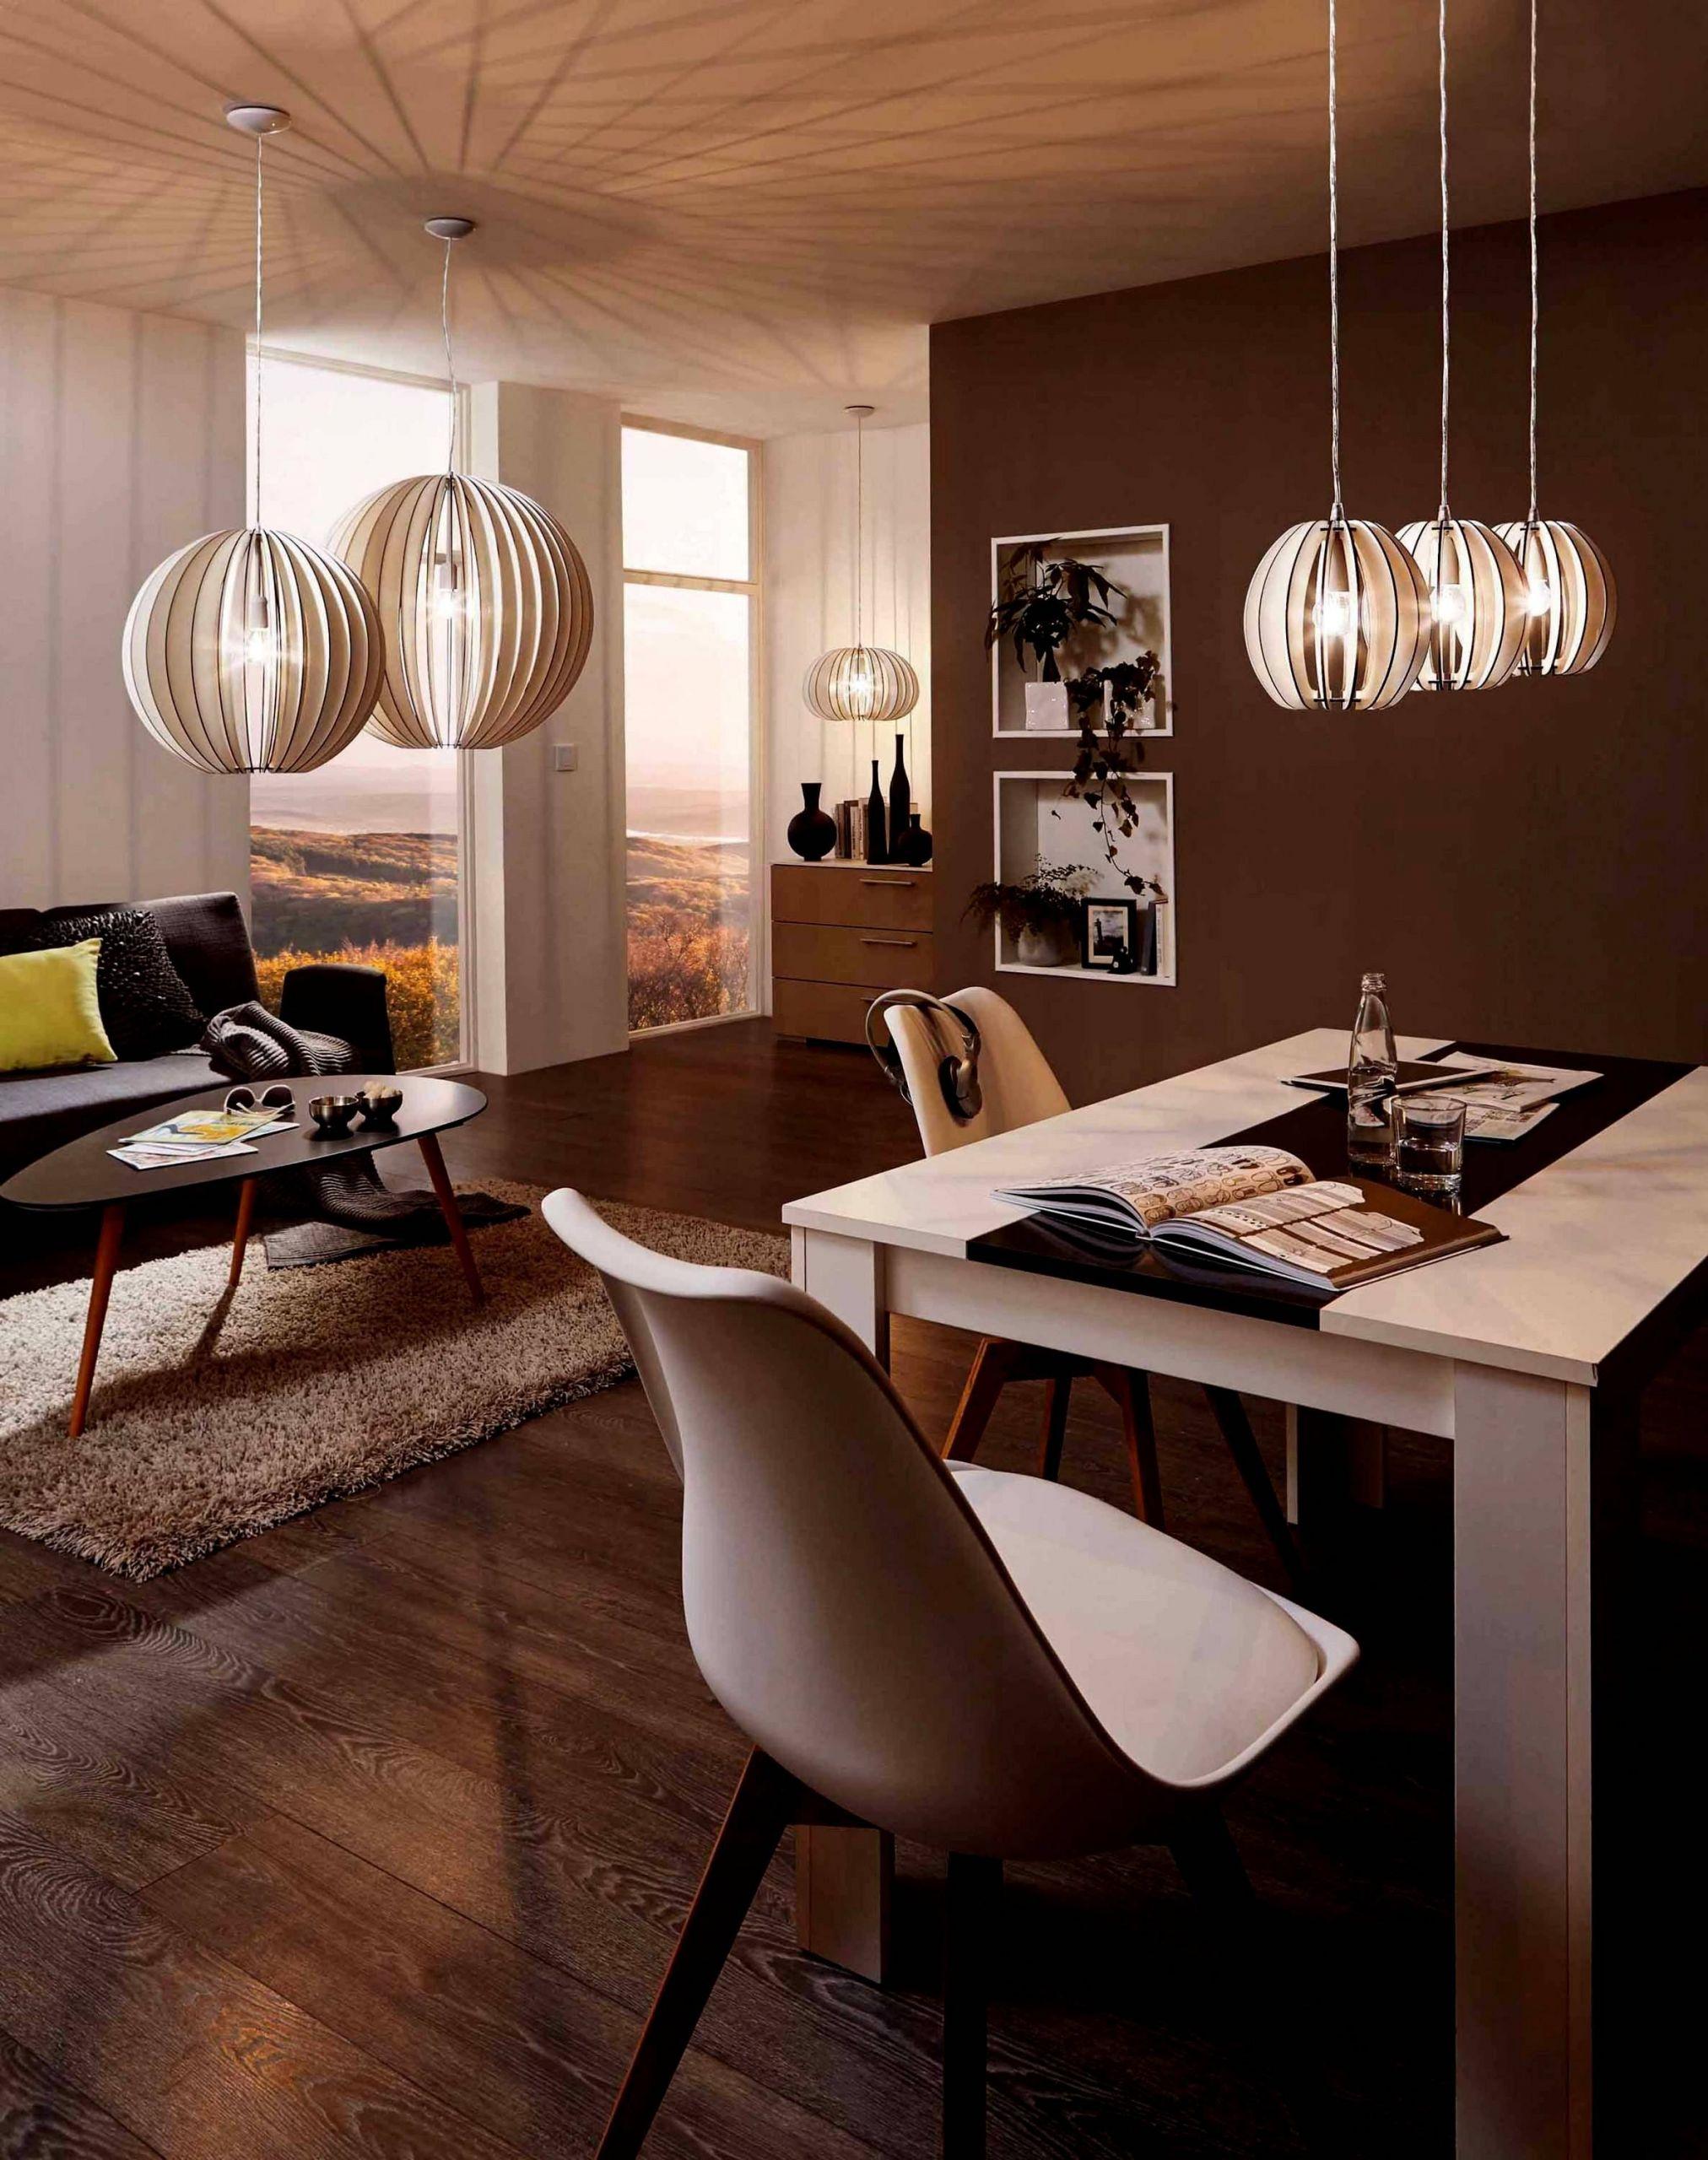 wohnzimmer lampe fur hohe decken genial wohnzimmer esstisch lampe of wohnzimmer lampe fur hohe decken